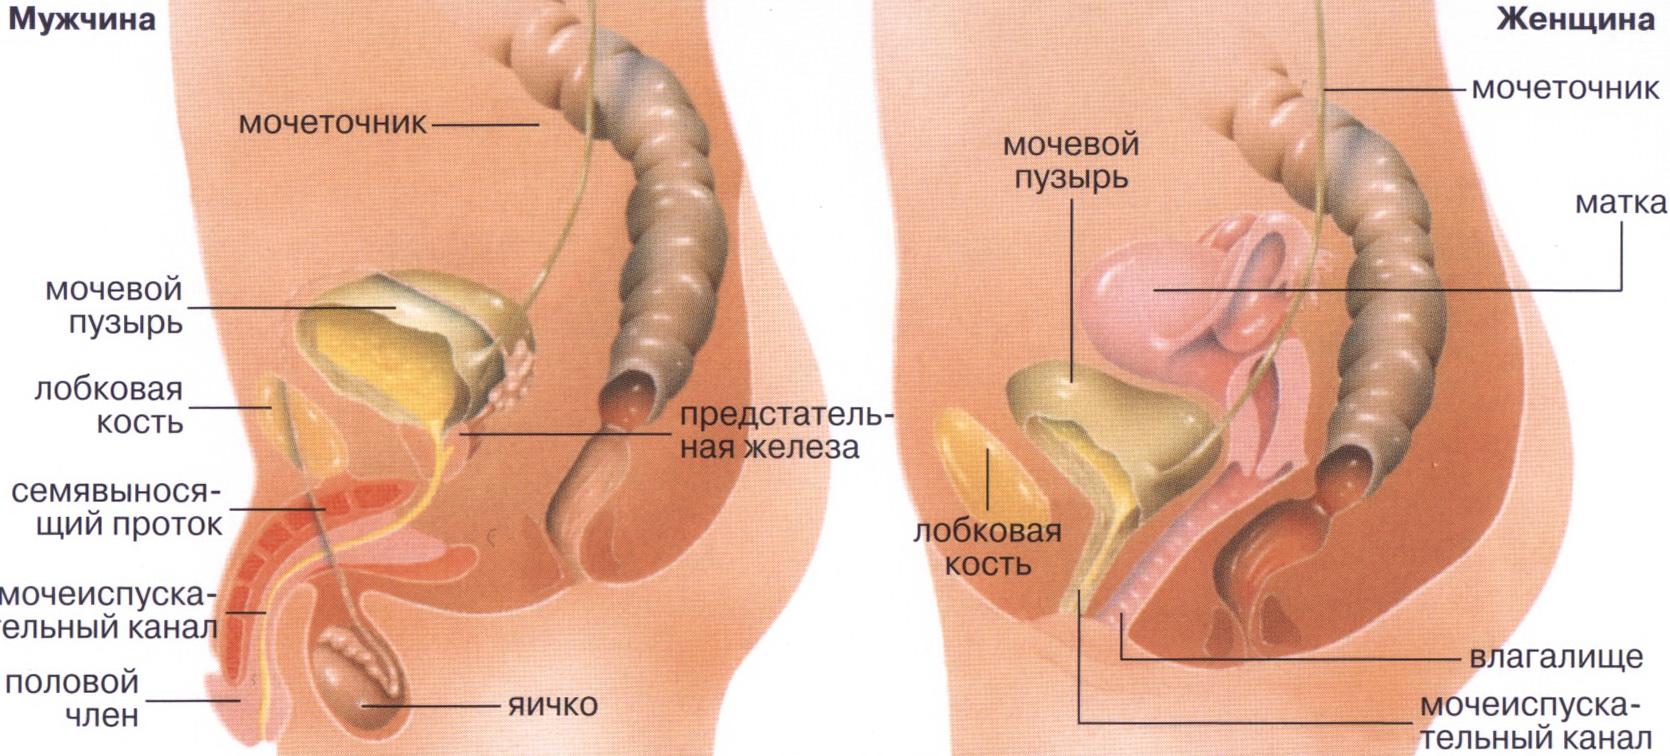 анатомия мужчины и женщины